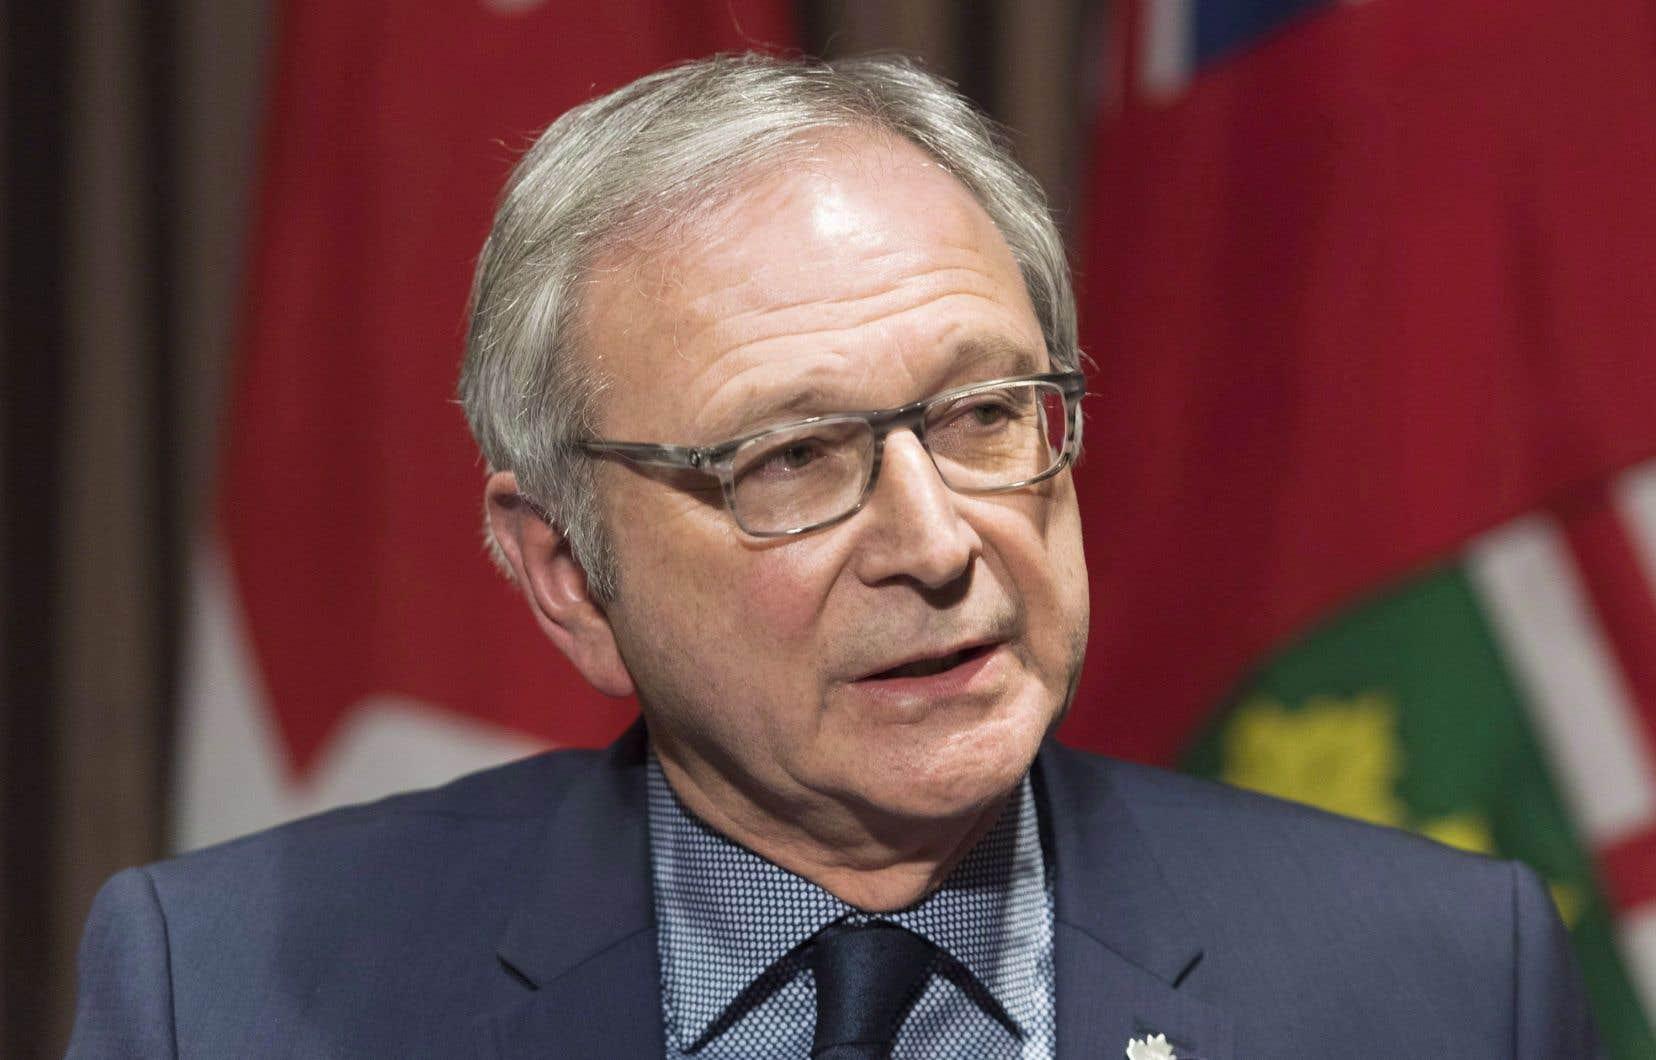 L'explosion des coûts et le manque de soutien financier d'Ottawa ont motivé la décision de son gouvernement, a fait savoir Blaine Higgs lors d'une conférence de presse à Fredericton.